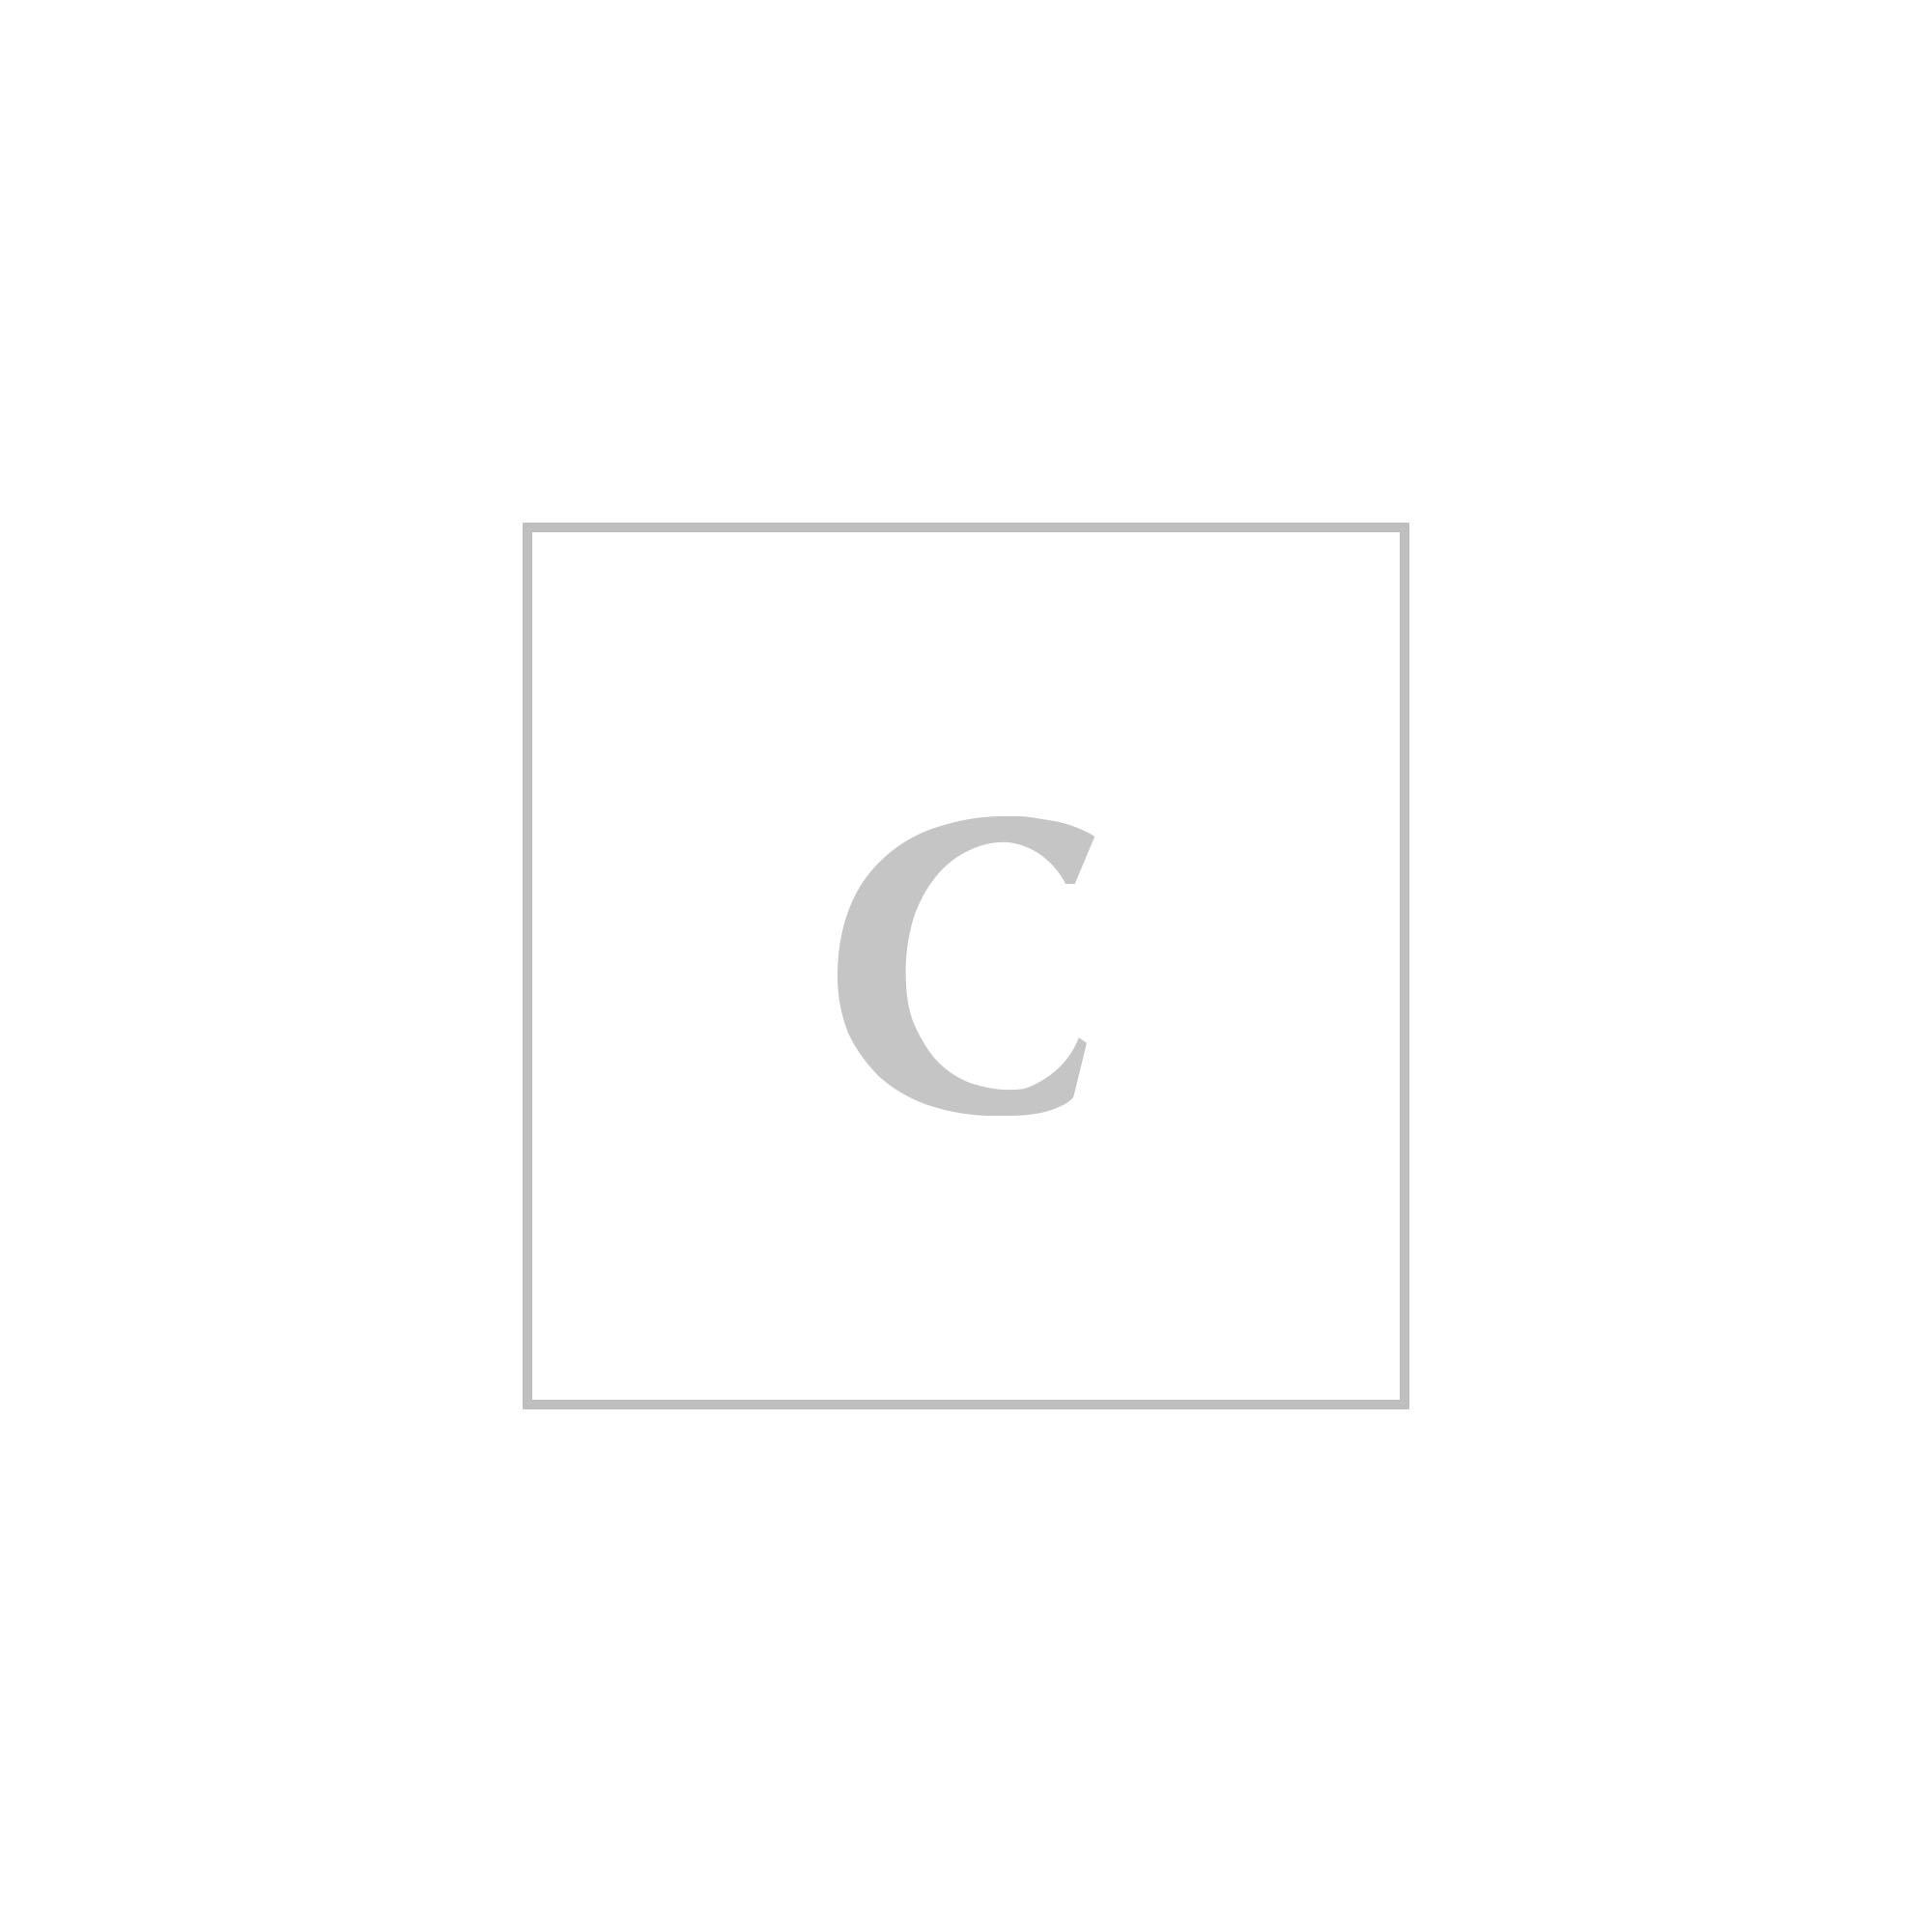 Moncler gamme rouge/bleu blanche giubbotto